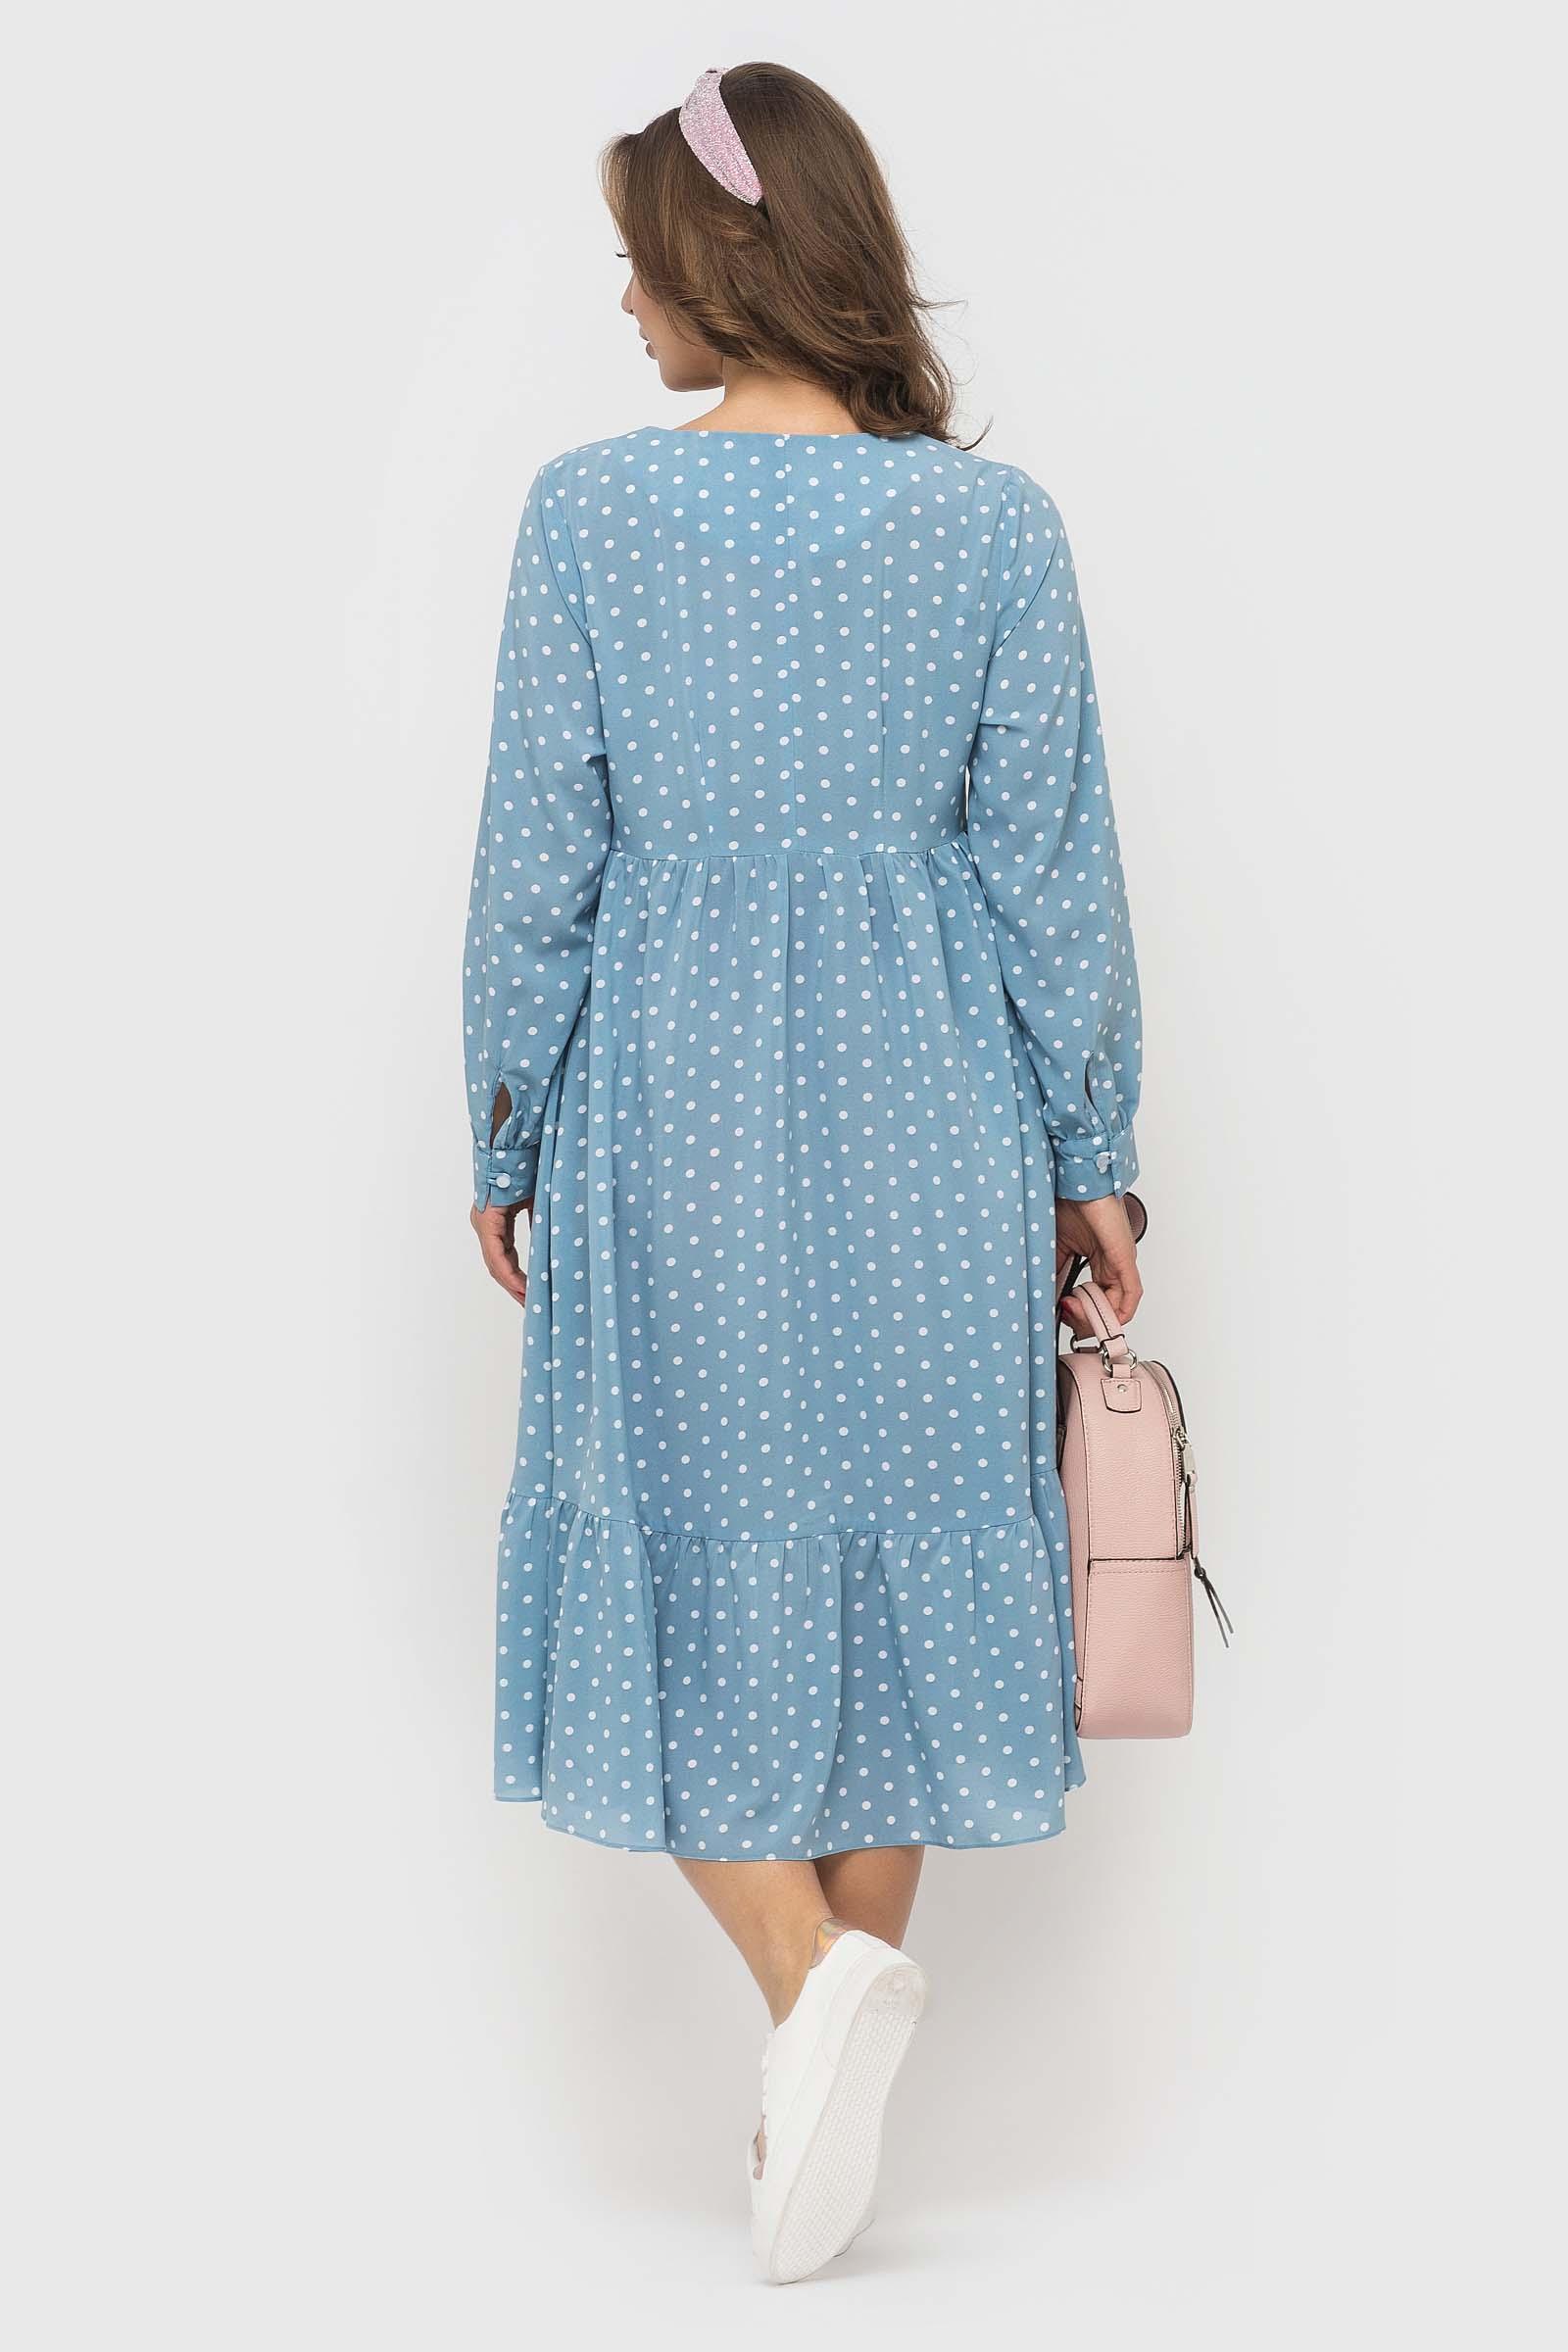 be art 2020 04 07181984 Купить платье